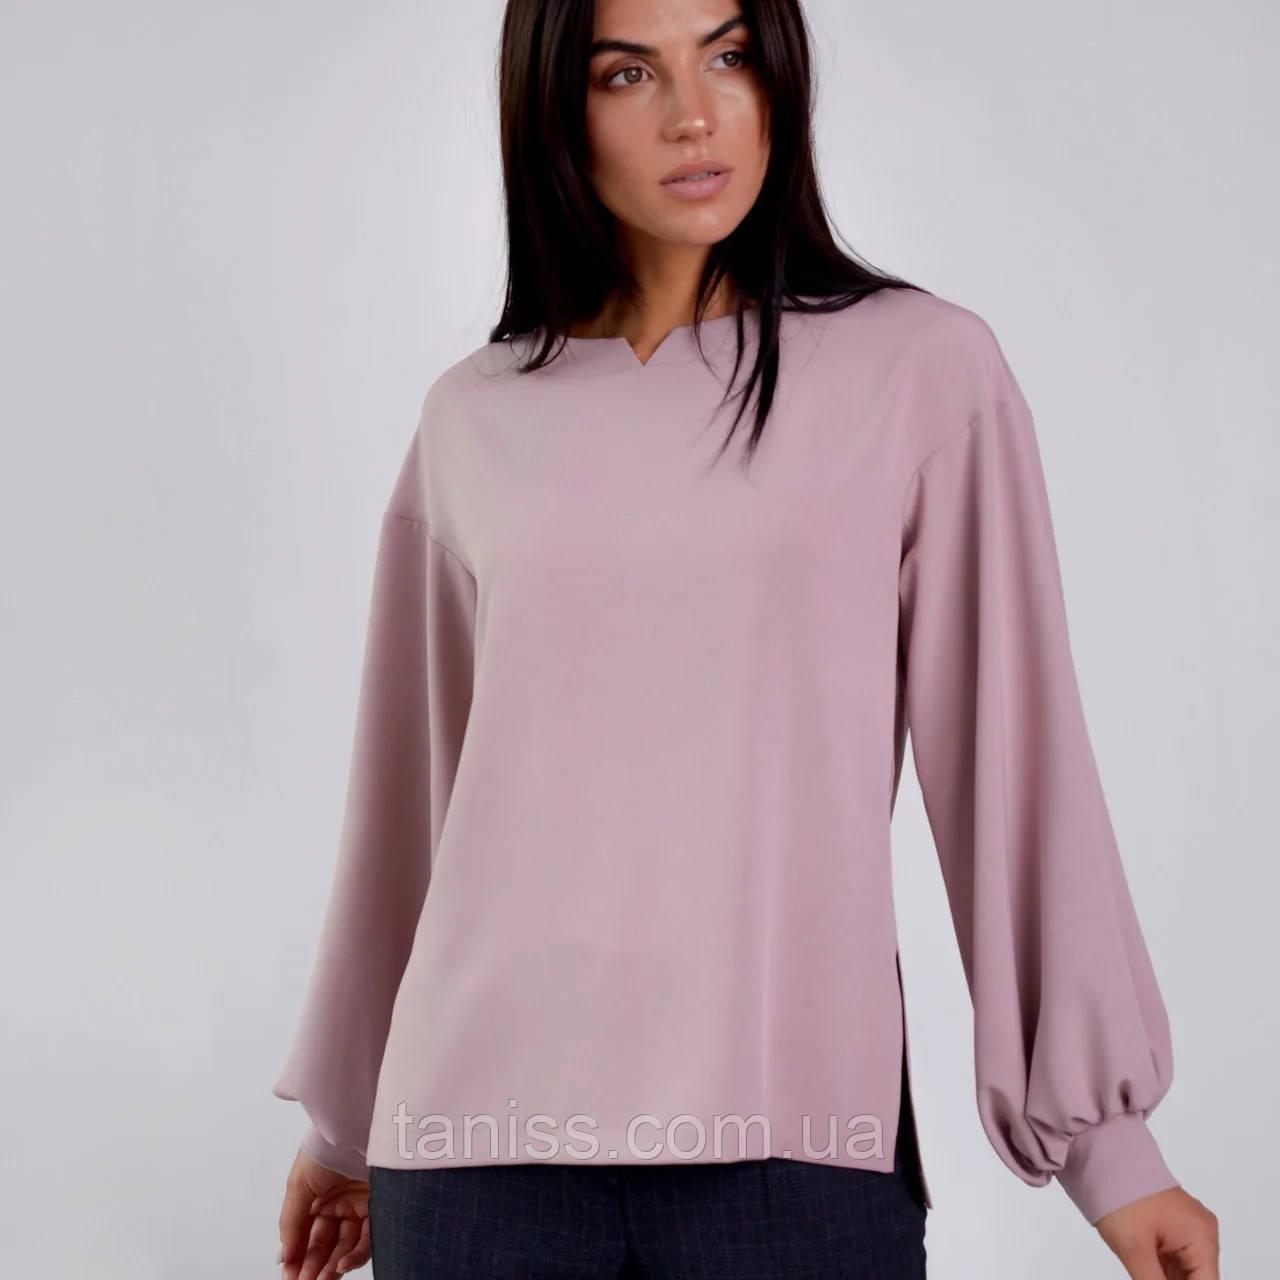 """Стильна жіночі блуза """"Дана"""", тканина креп льон, розміри 44, 46, 48, 50, 52, 54. , троянда"""